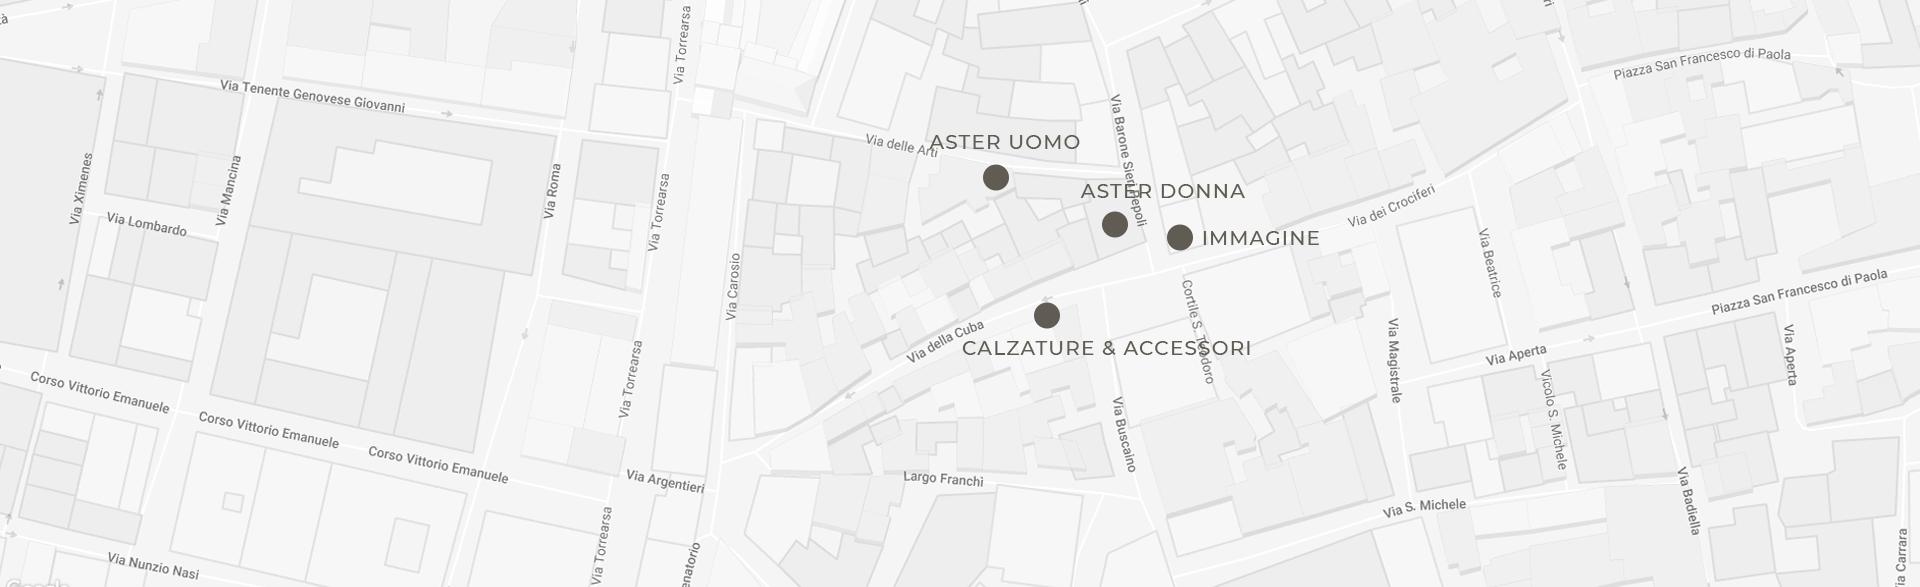 Mapppa punti vendita